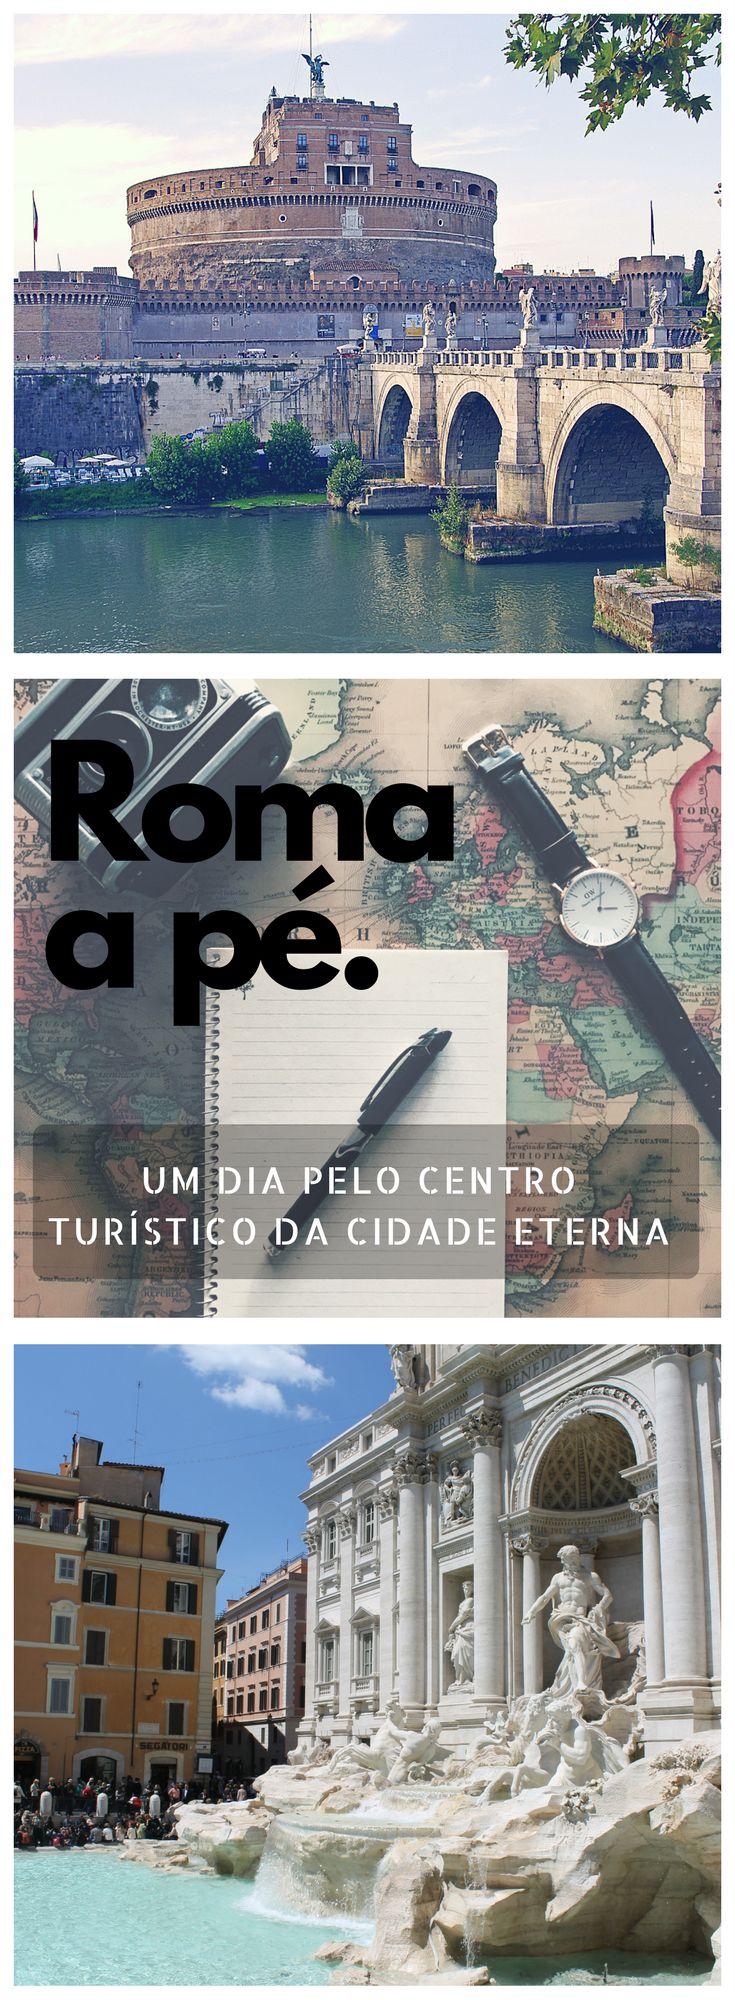 Roteiro de um dia pelo centro turístico de Roma, Itália. Veja as atrações que você não pode deixar de fora do seu roteiro! Fotos 1 e 2: Pixabay.com. Foto 3: Fui Ser Viajante.